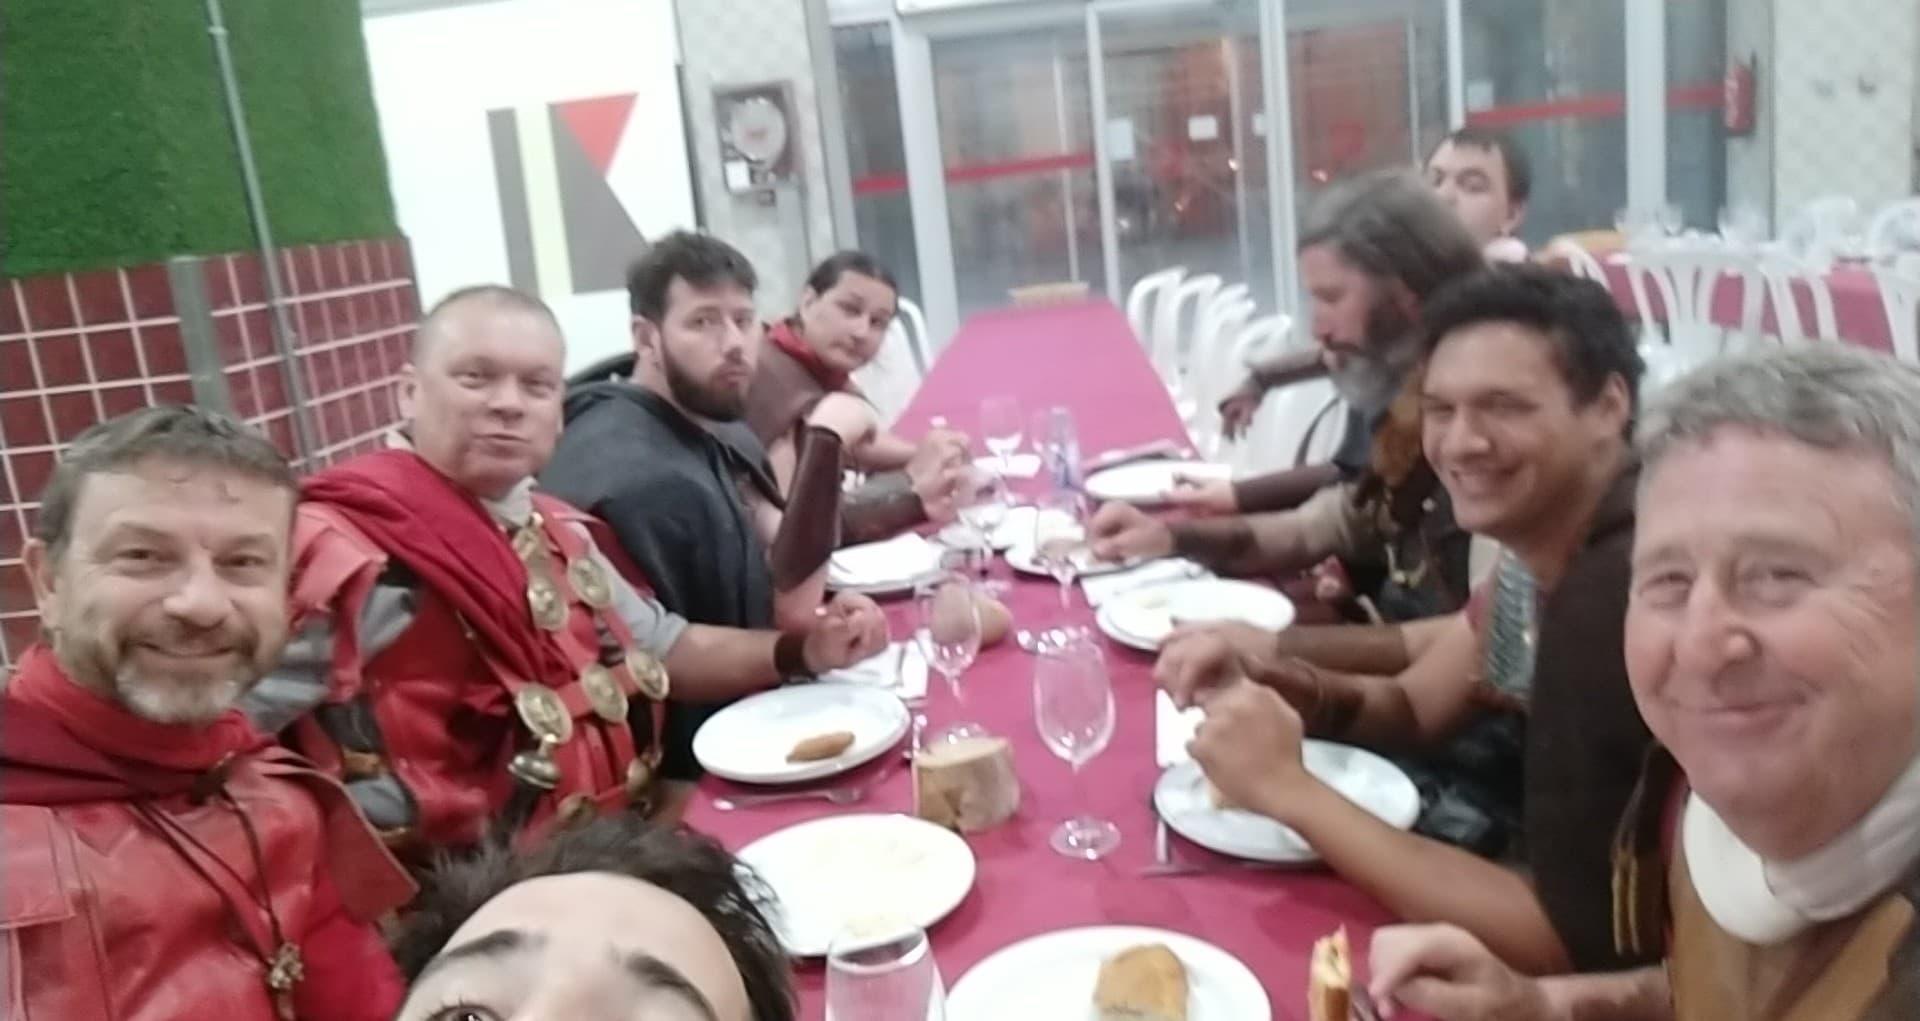 Lugo_2019-28